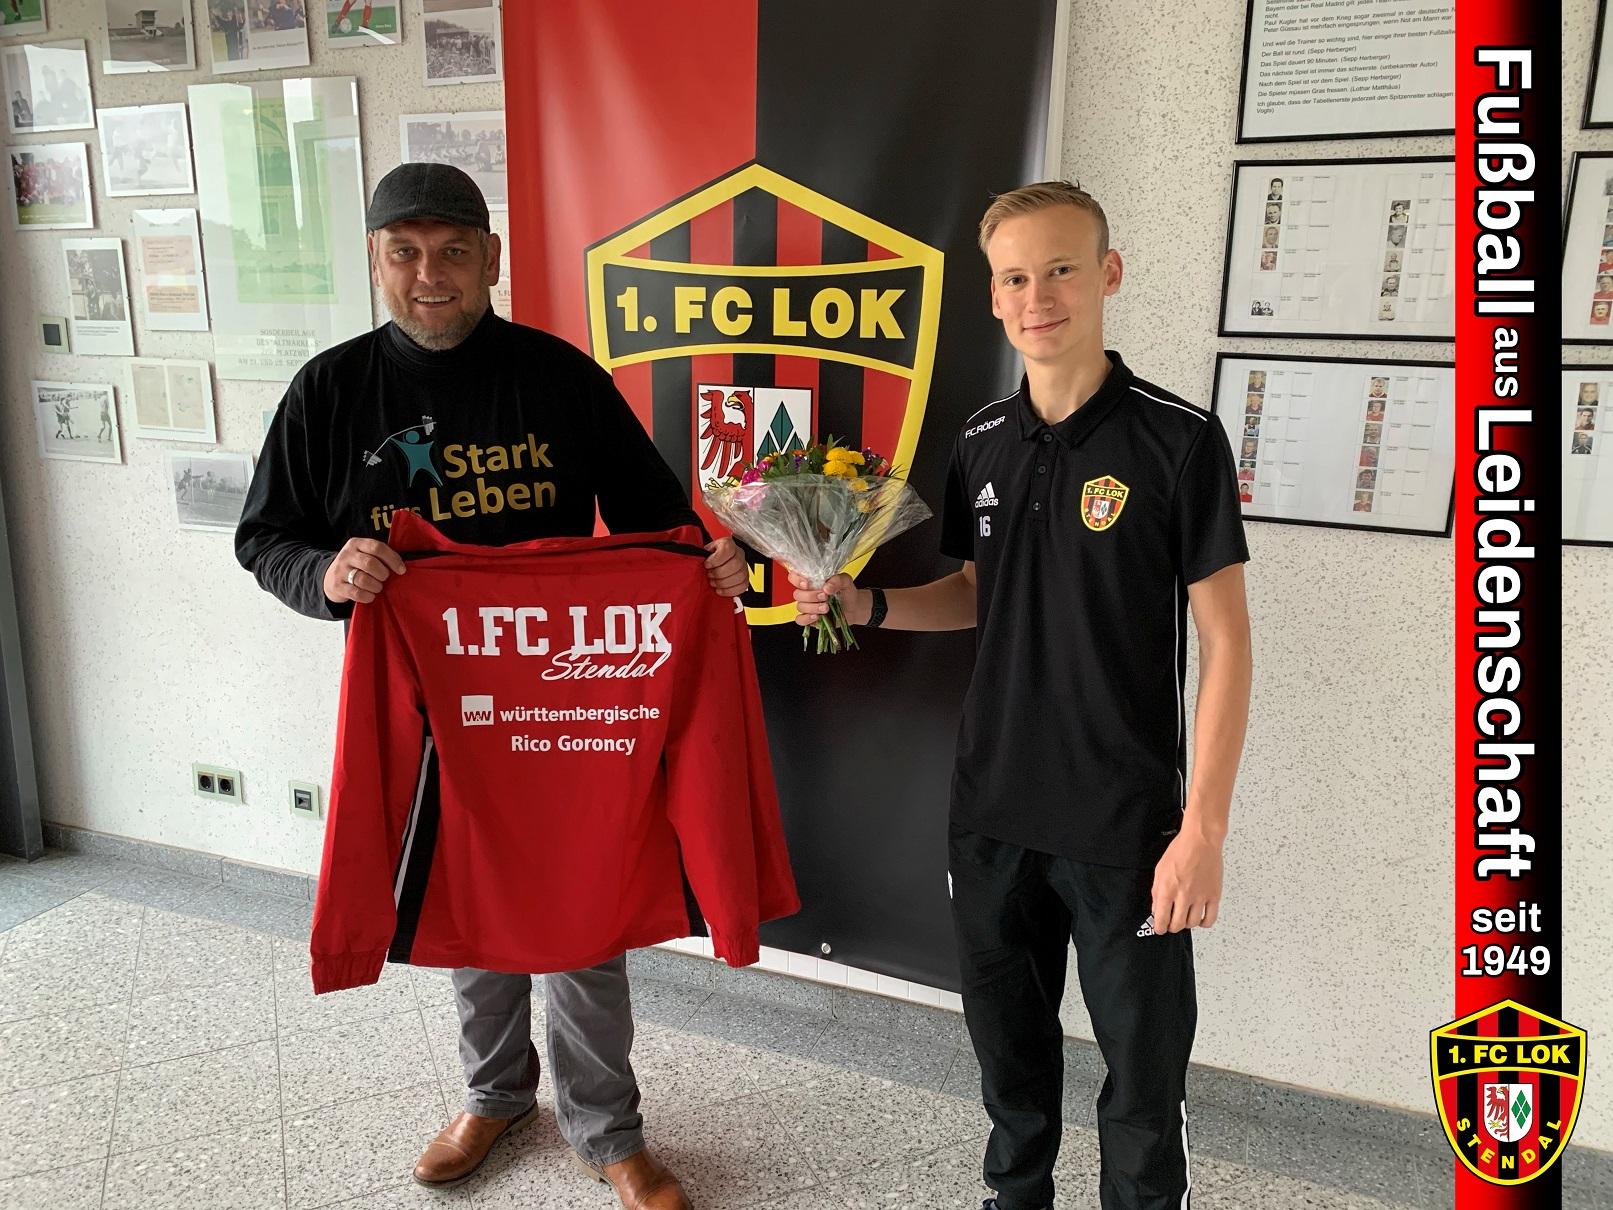 Neue Trainingsanzüge - 1. FC Lok Stendal